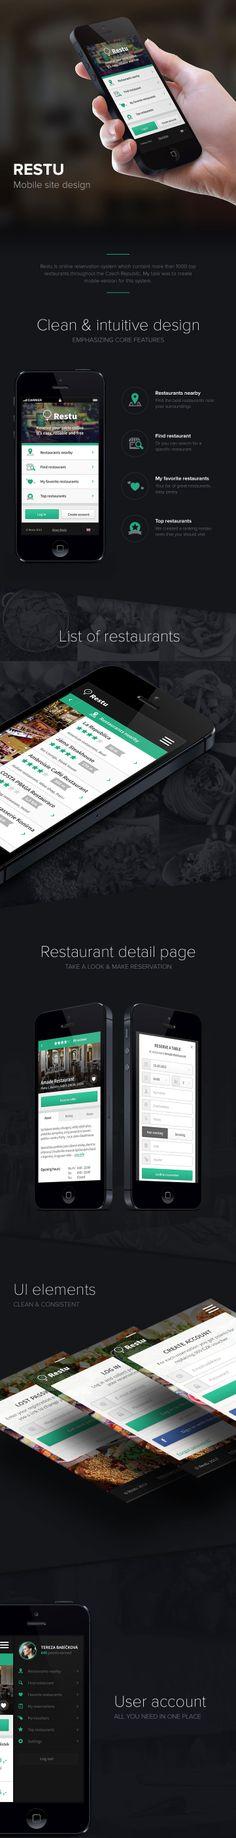 Daily Mobile UI Design Inspiration #186